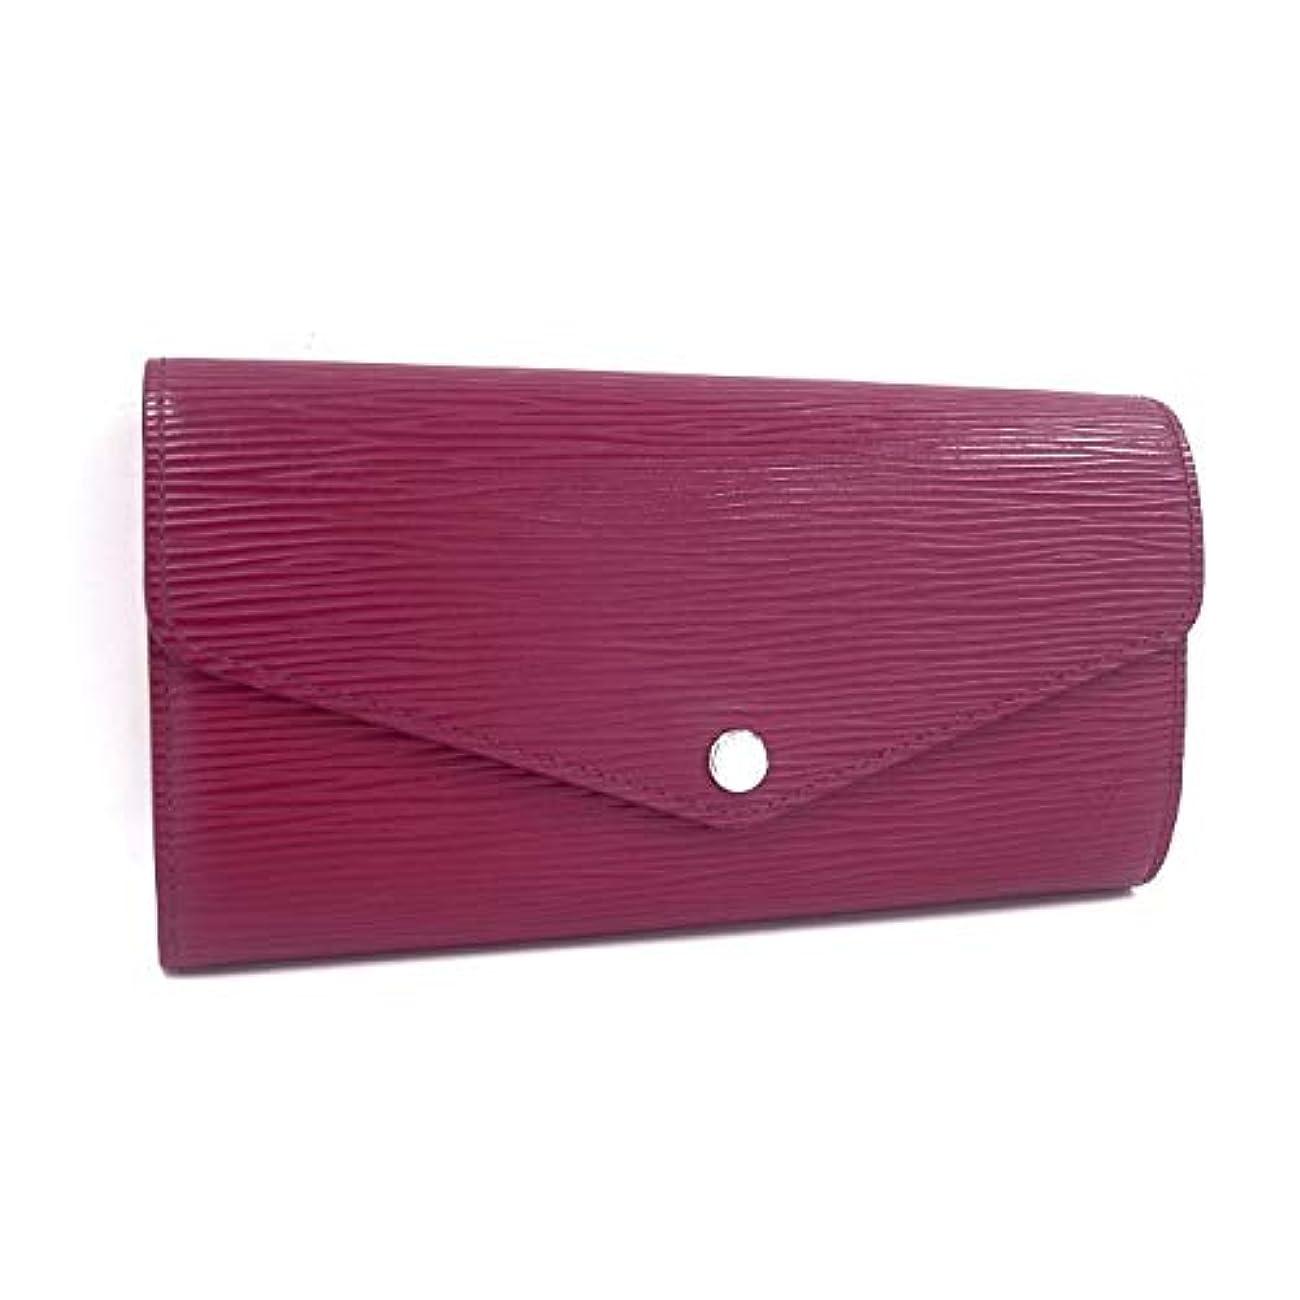 チップ着飾る製品【中古】ルイヴィトン 二つ折り長財布 ポルトフォイユ サラ エピ フューシャ M60580